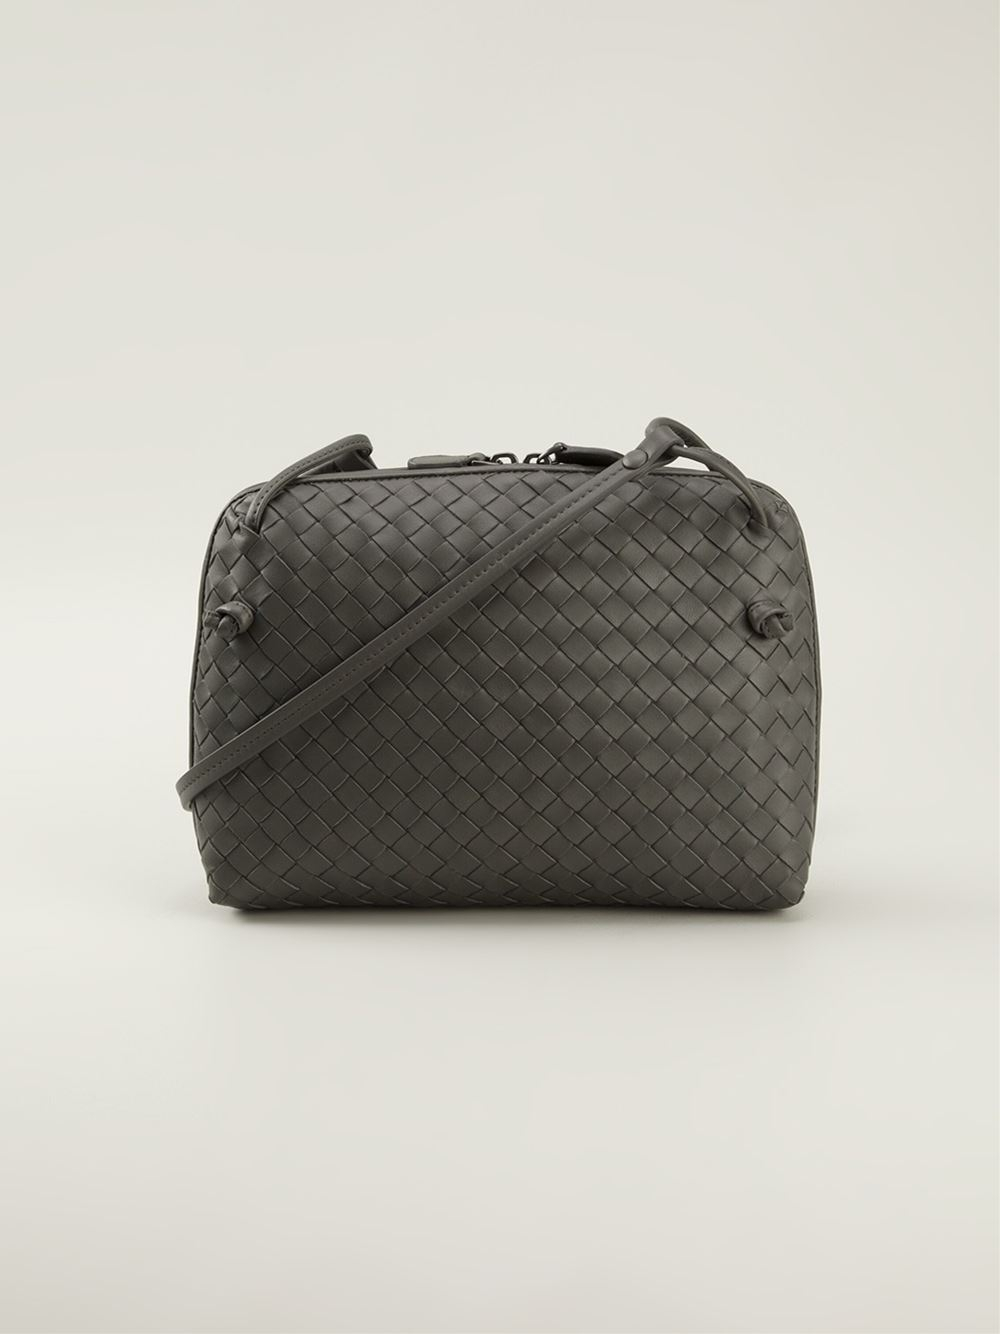 Bottega Veneta Bags